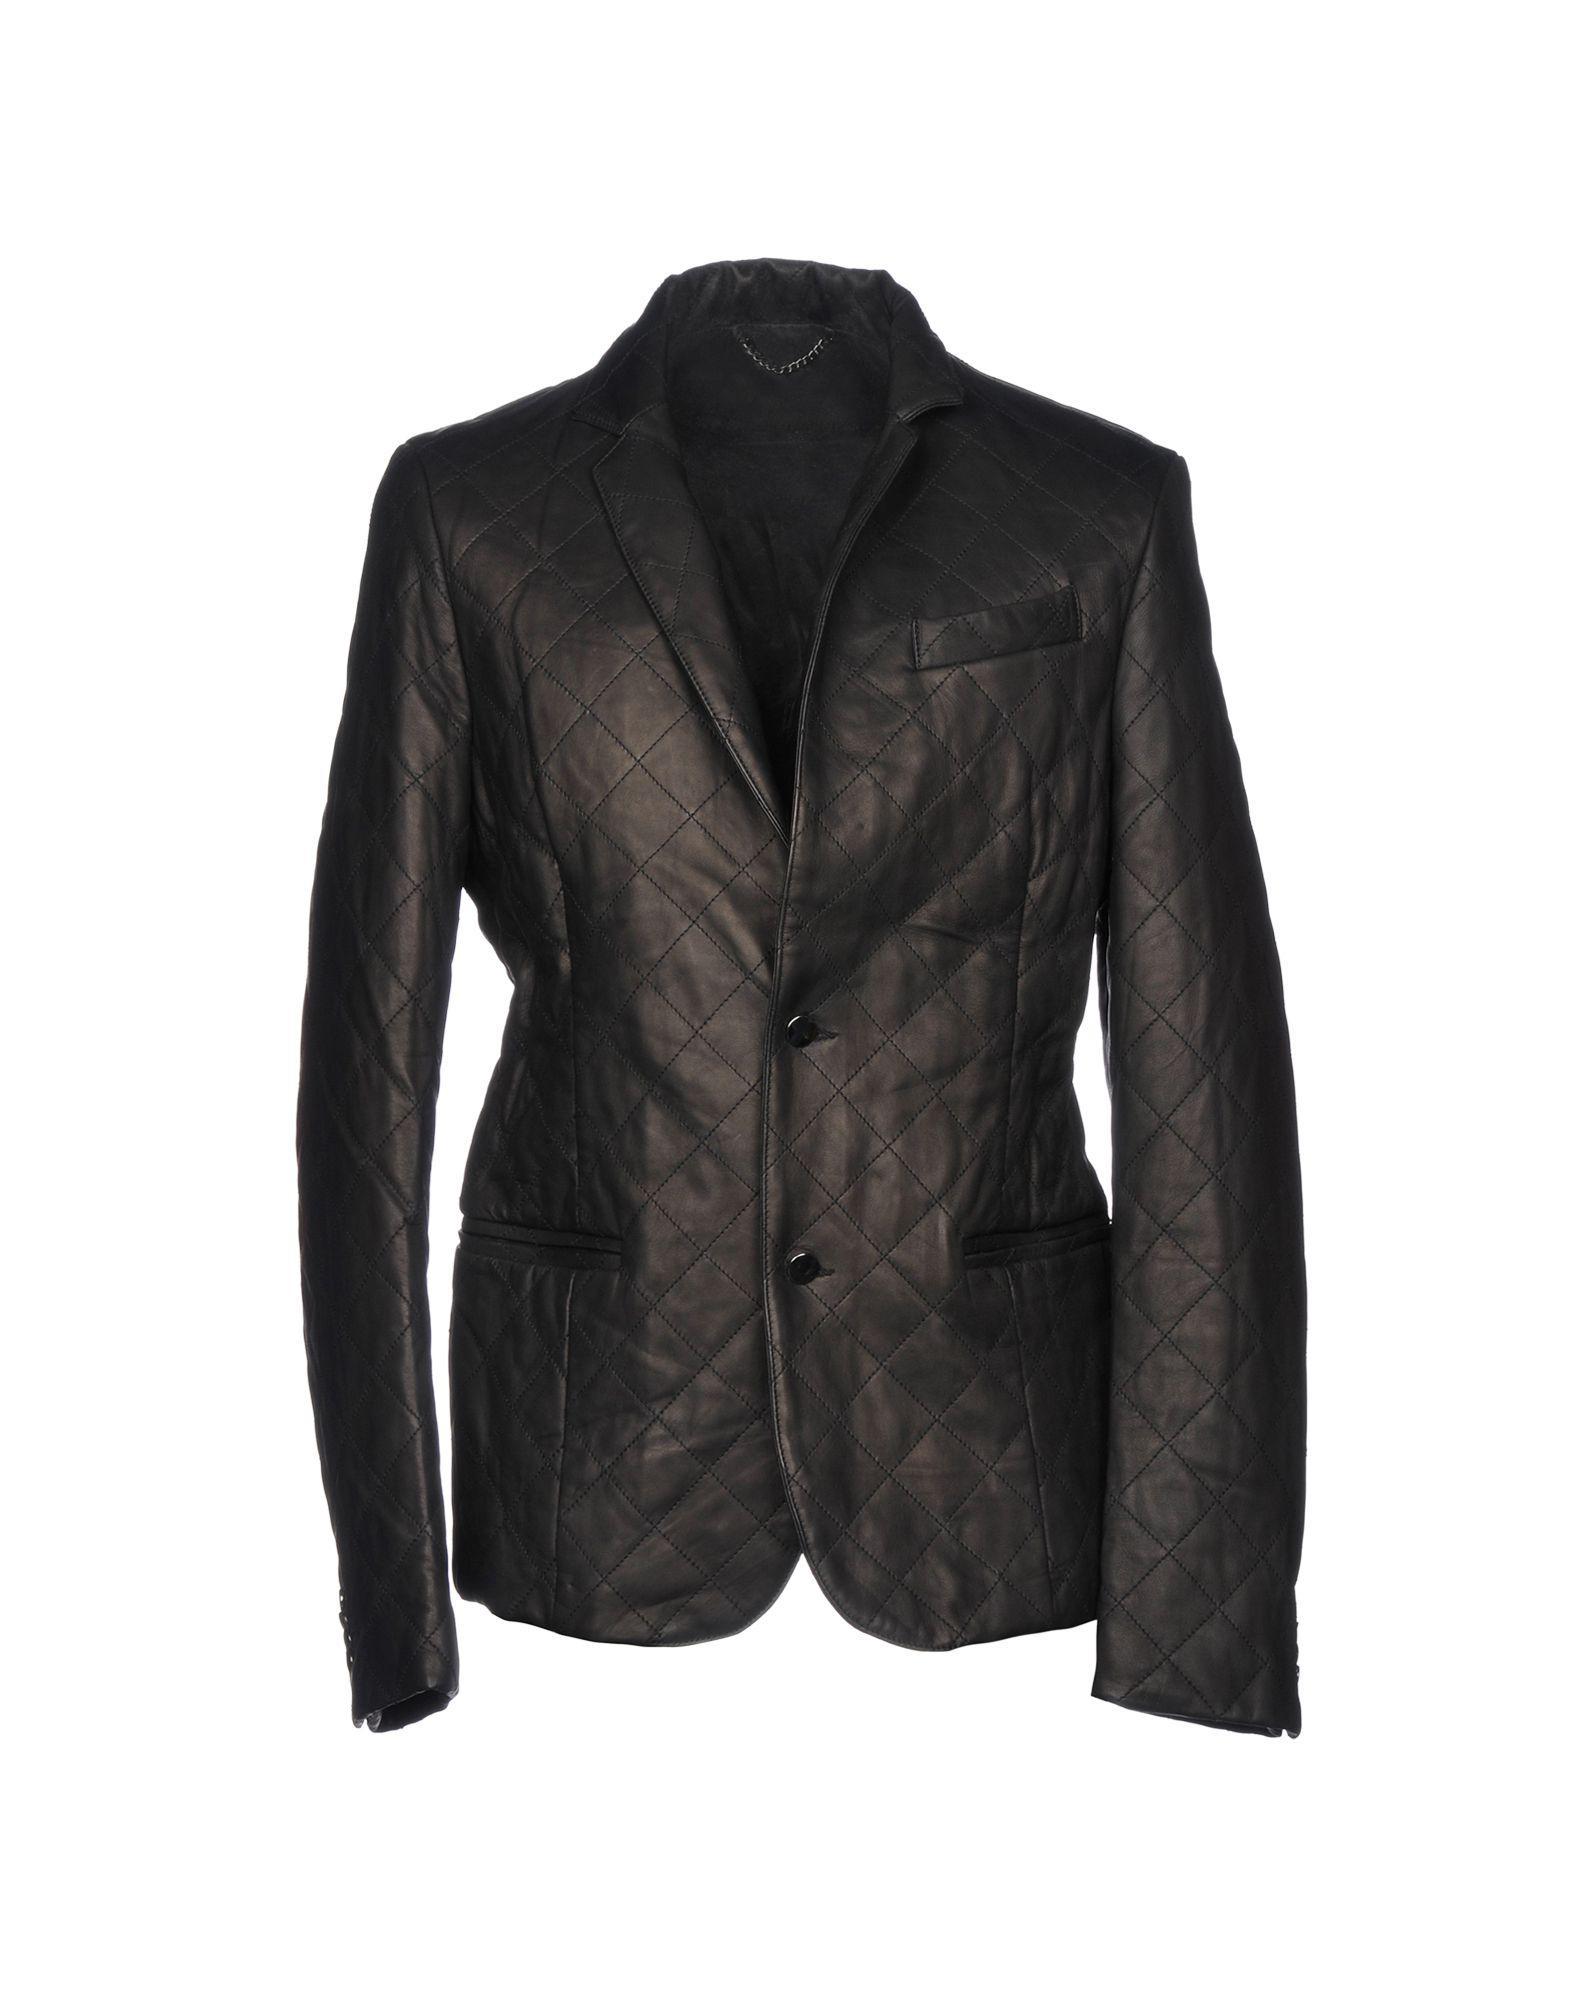 Vintage Homme Veste Pour Coloris Noir De Luxe Lyst En Fx7UqwS